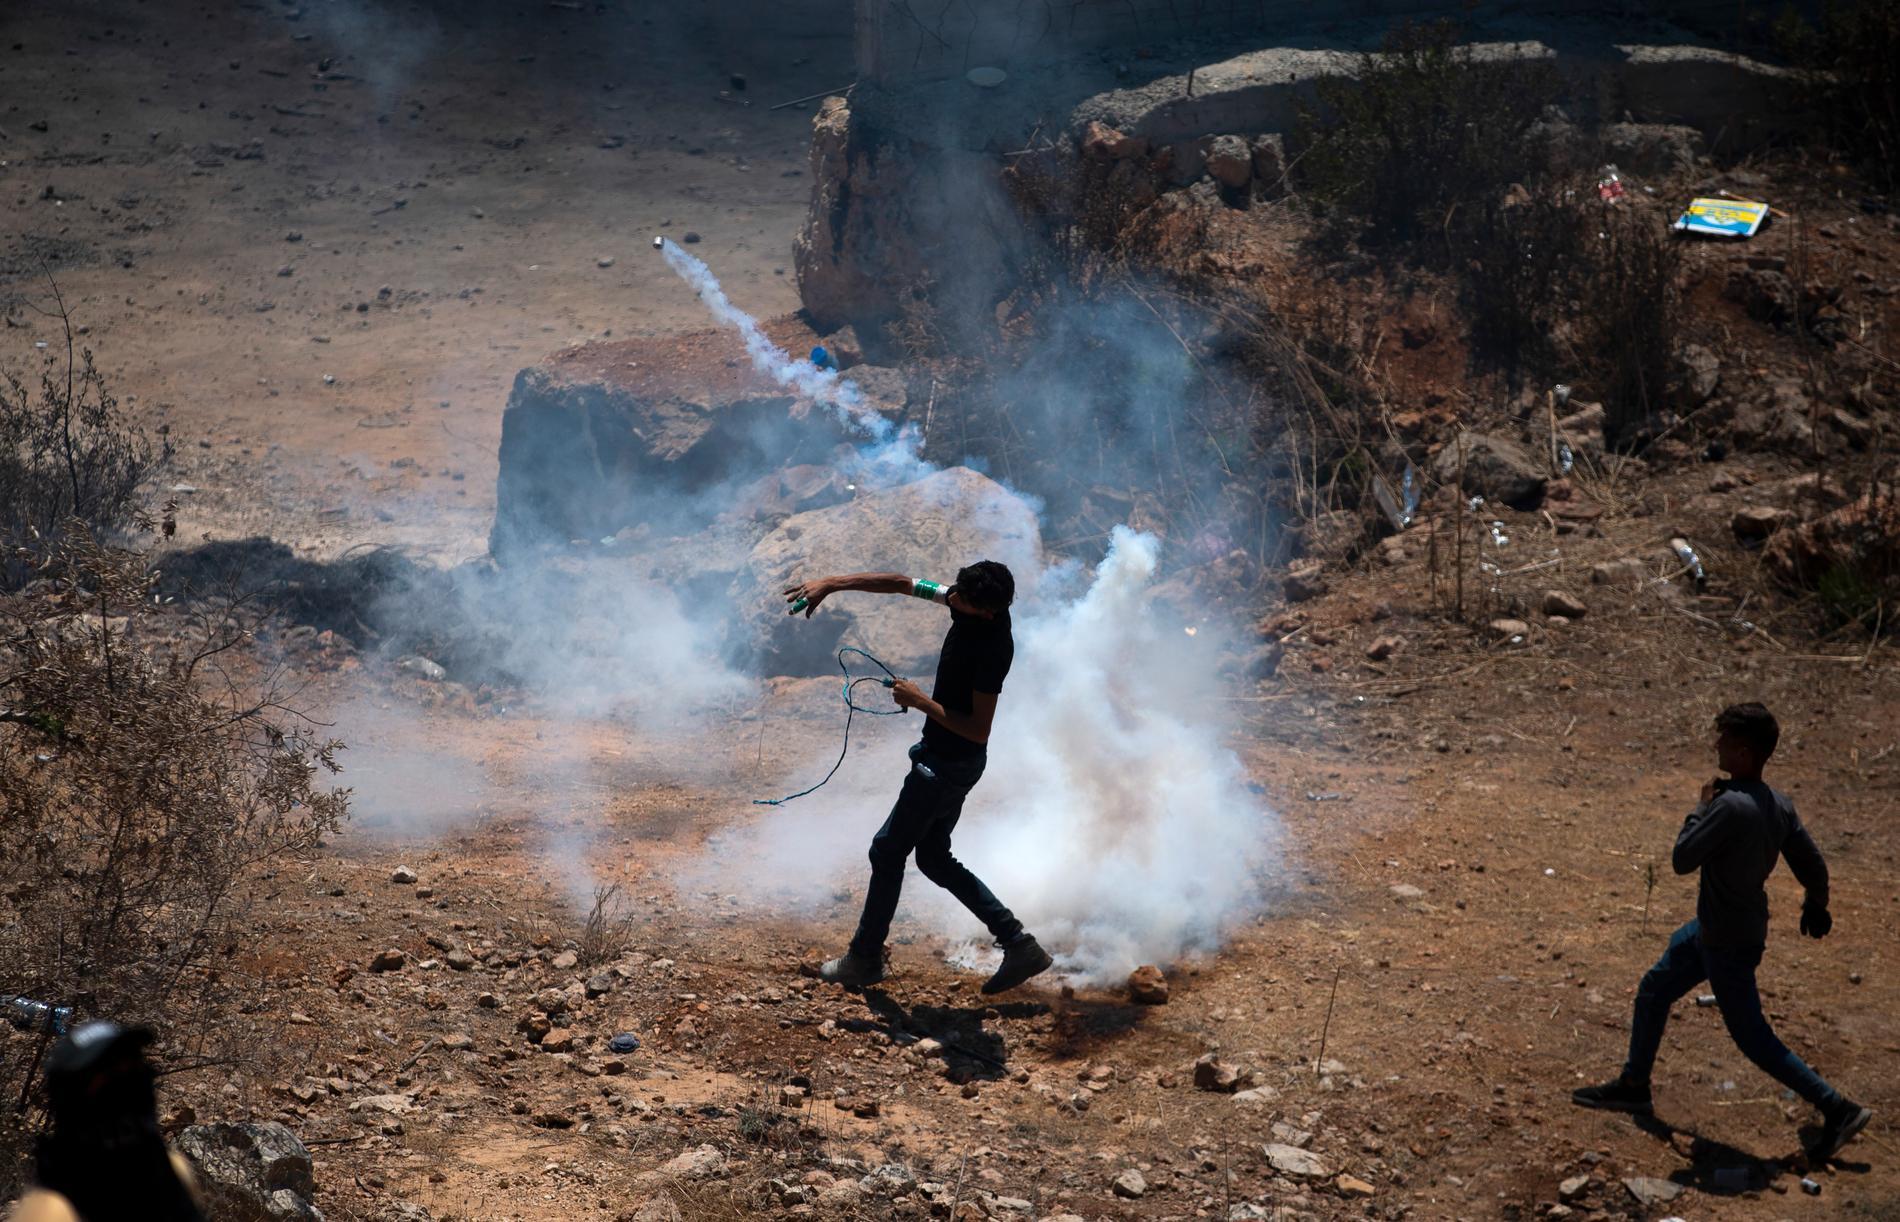 En palestinsk demonstrant kastar tillbaka en tårgasbehållare som israelisk militär använt vid protester mot bosättningen i Eviatar. Bild från tidigare i juli.